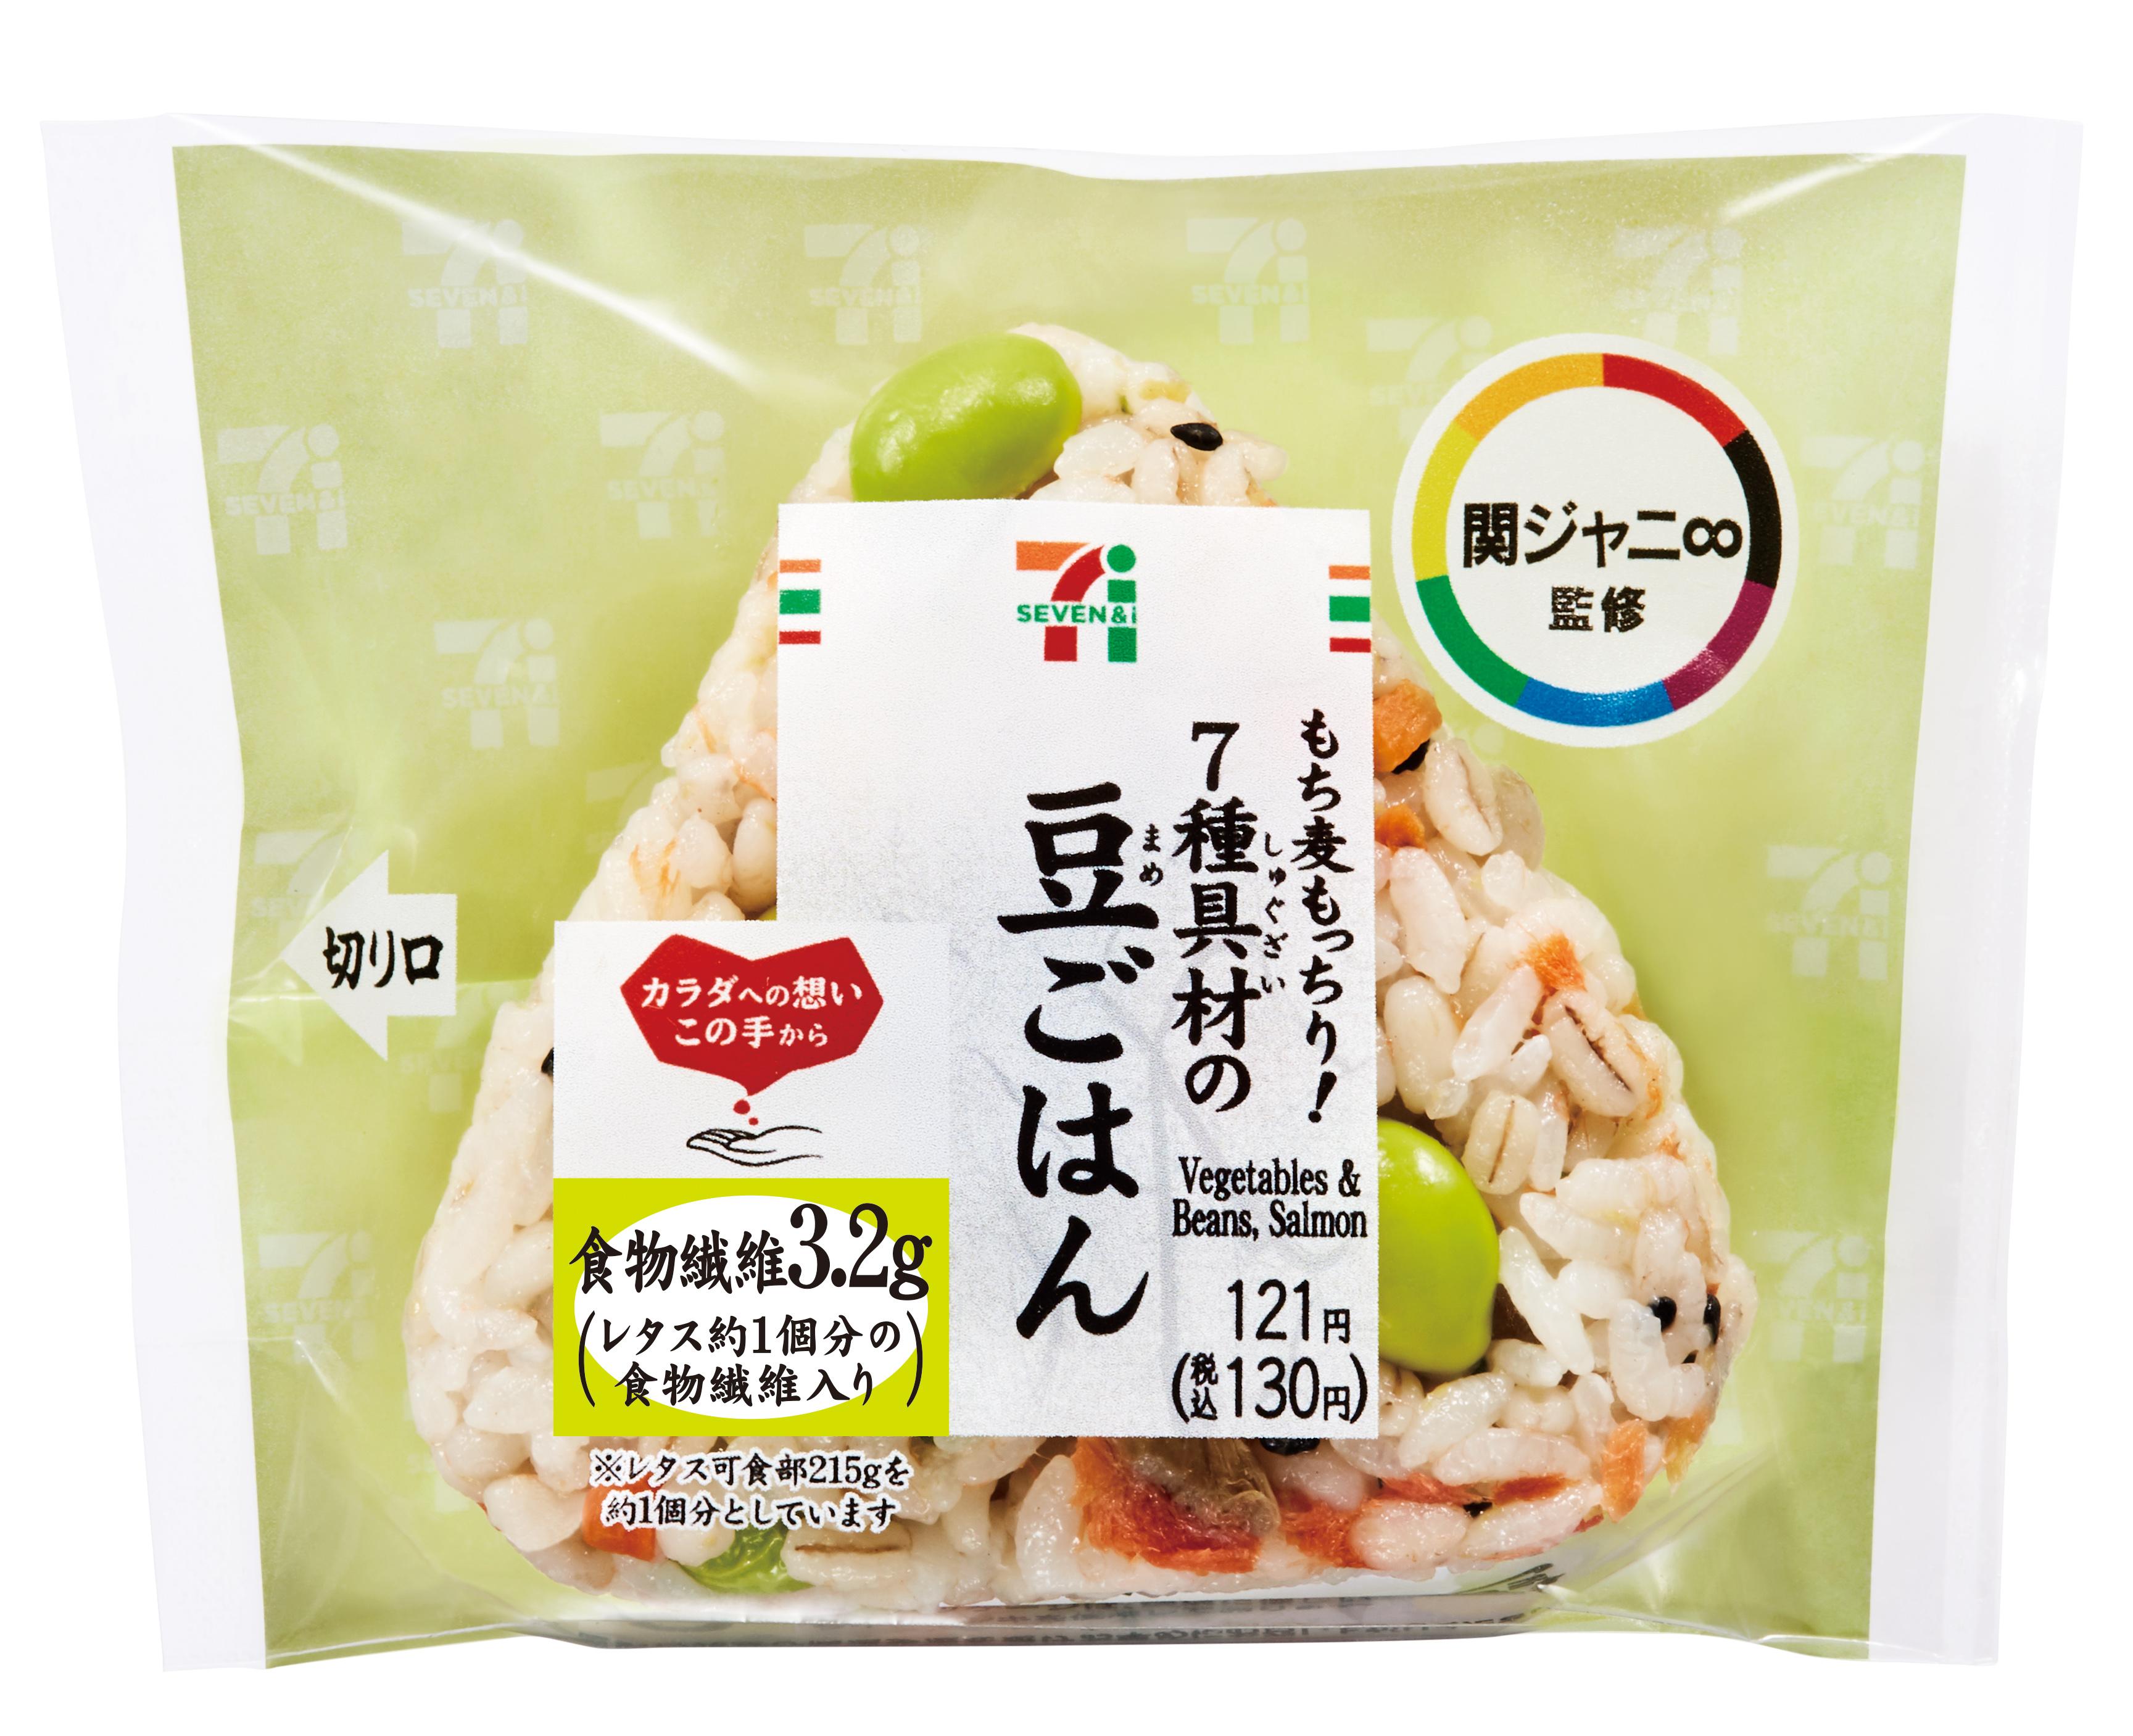 第5位!『関ジャニ∞監修もち麦もっちり!7種具材の豆ごはんおむすび』